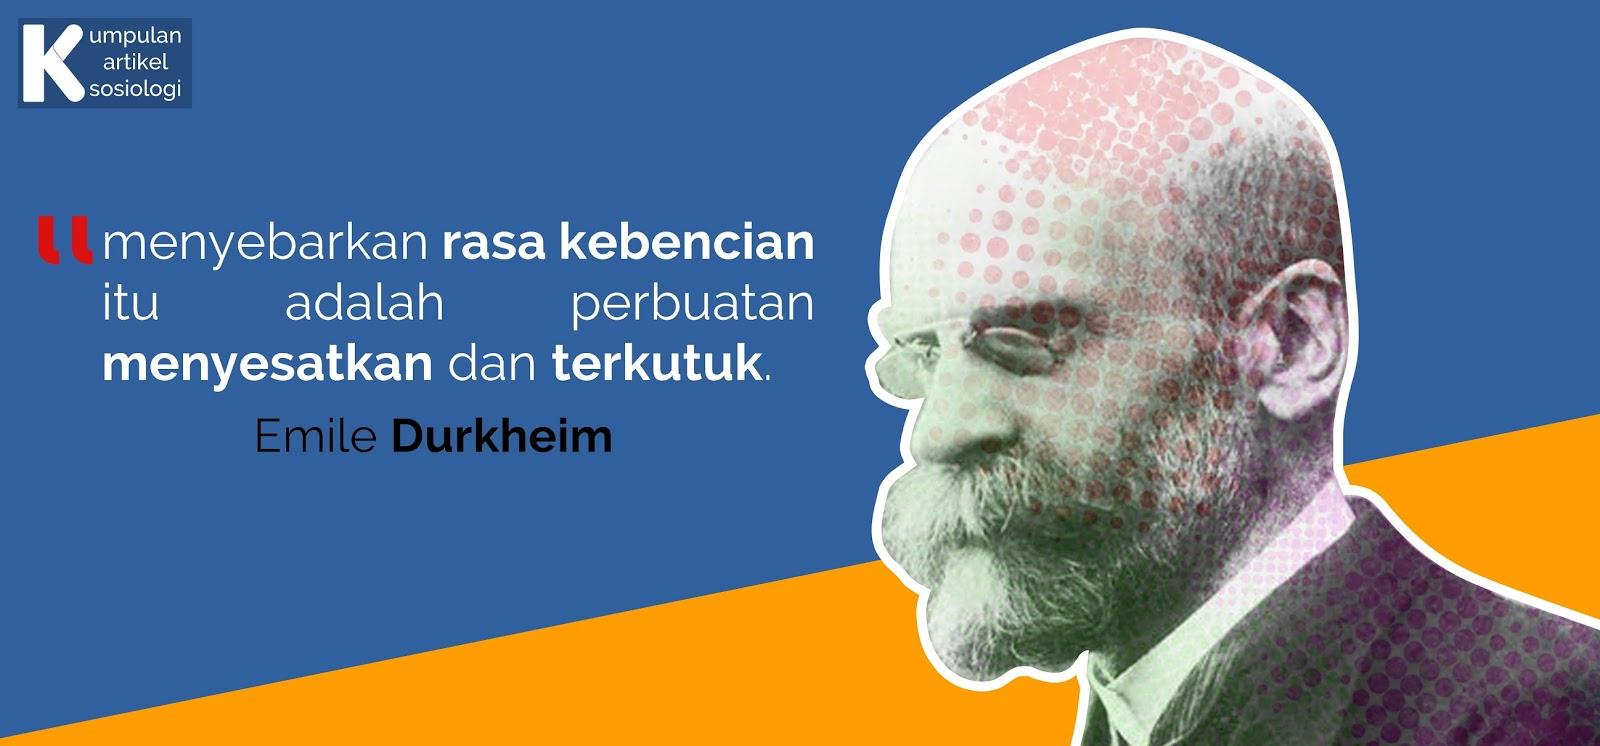 Sekilas mengenal Emile Durkheim